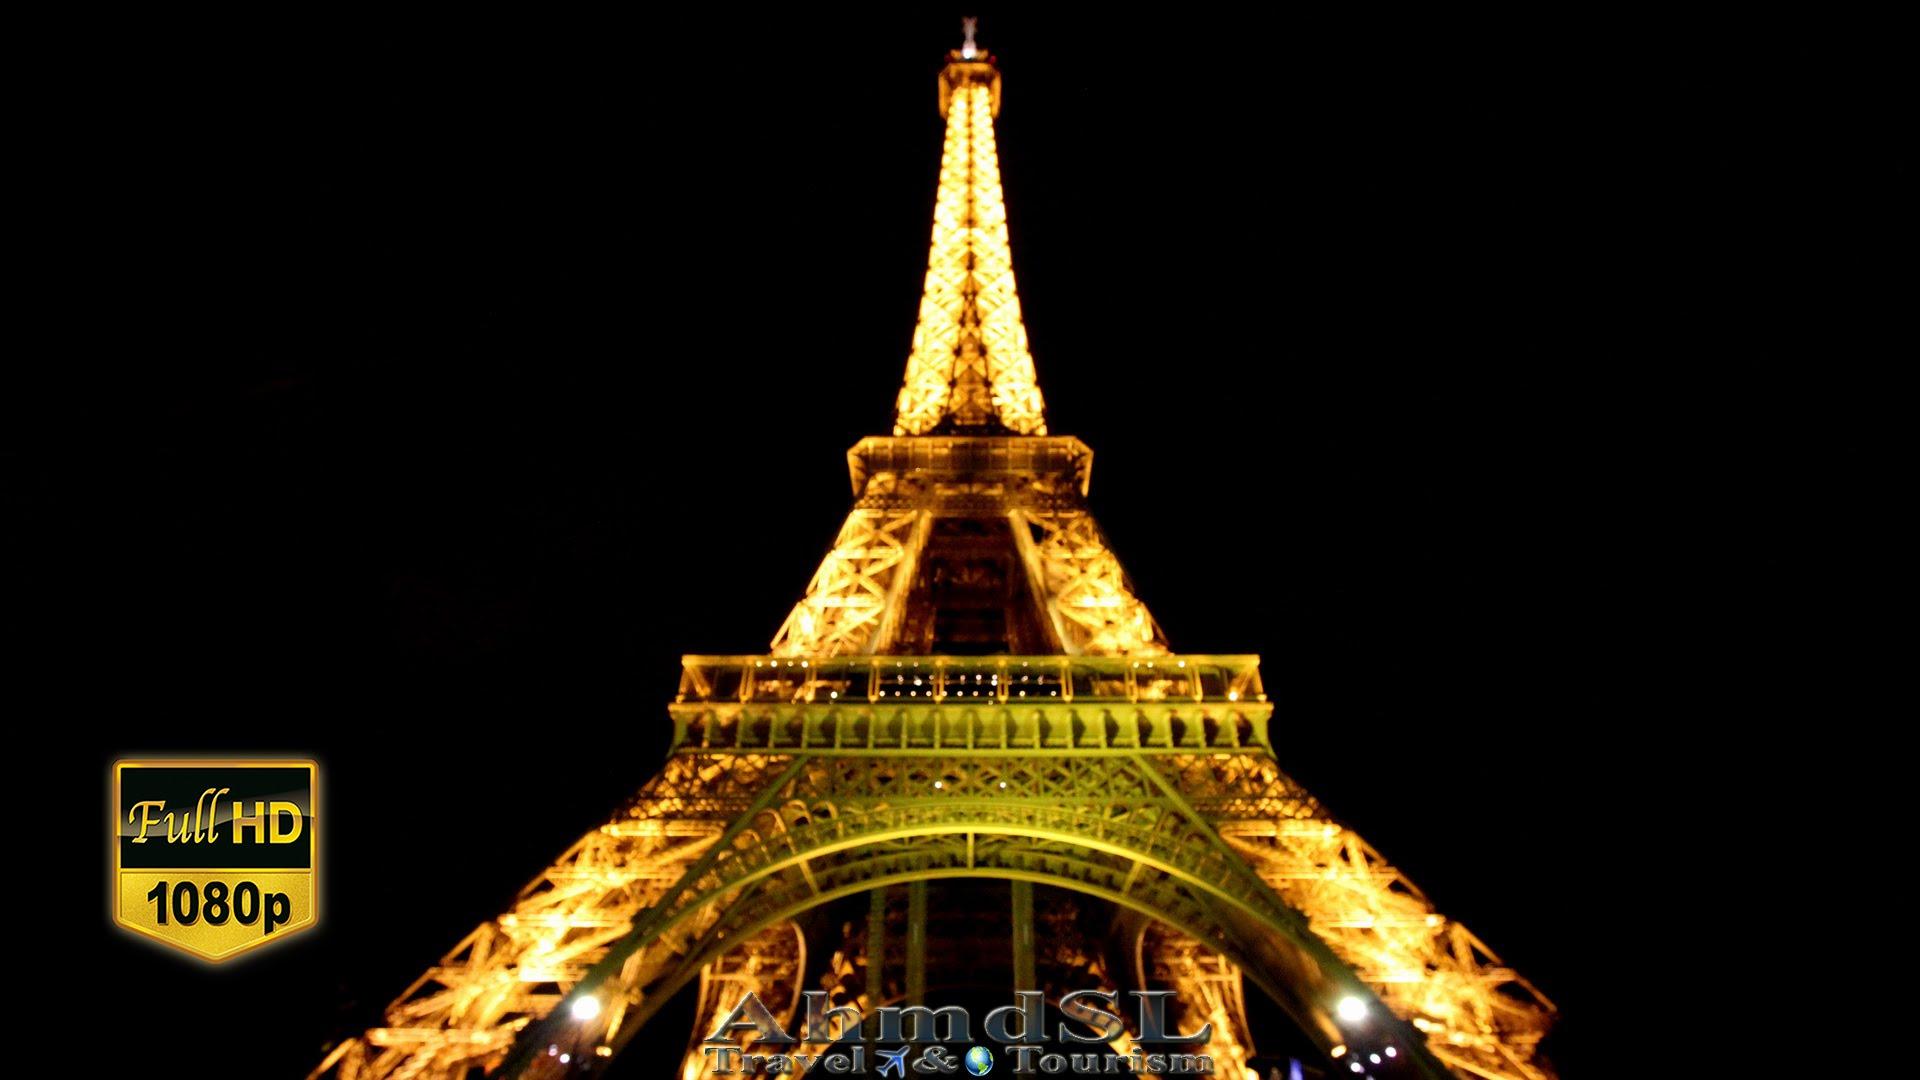 вбыору обои на телефон эйфелева башня ночью влюбленные мечтают